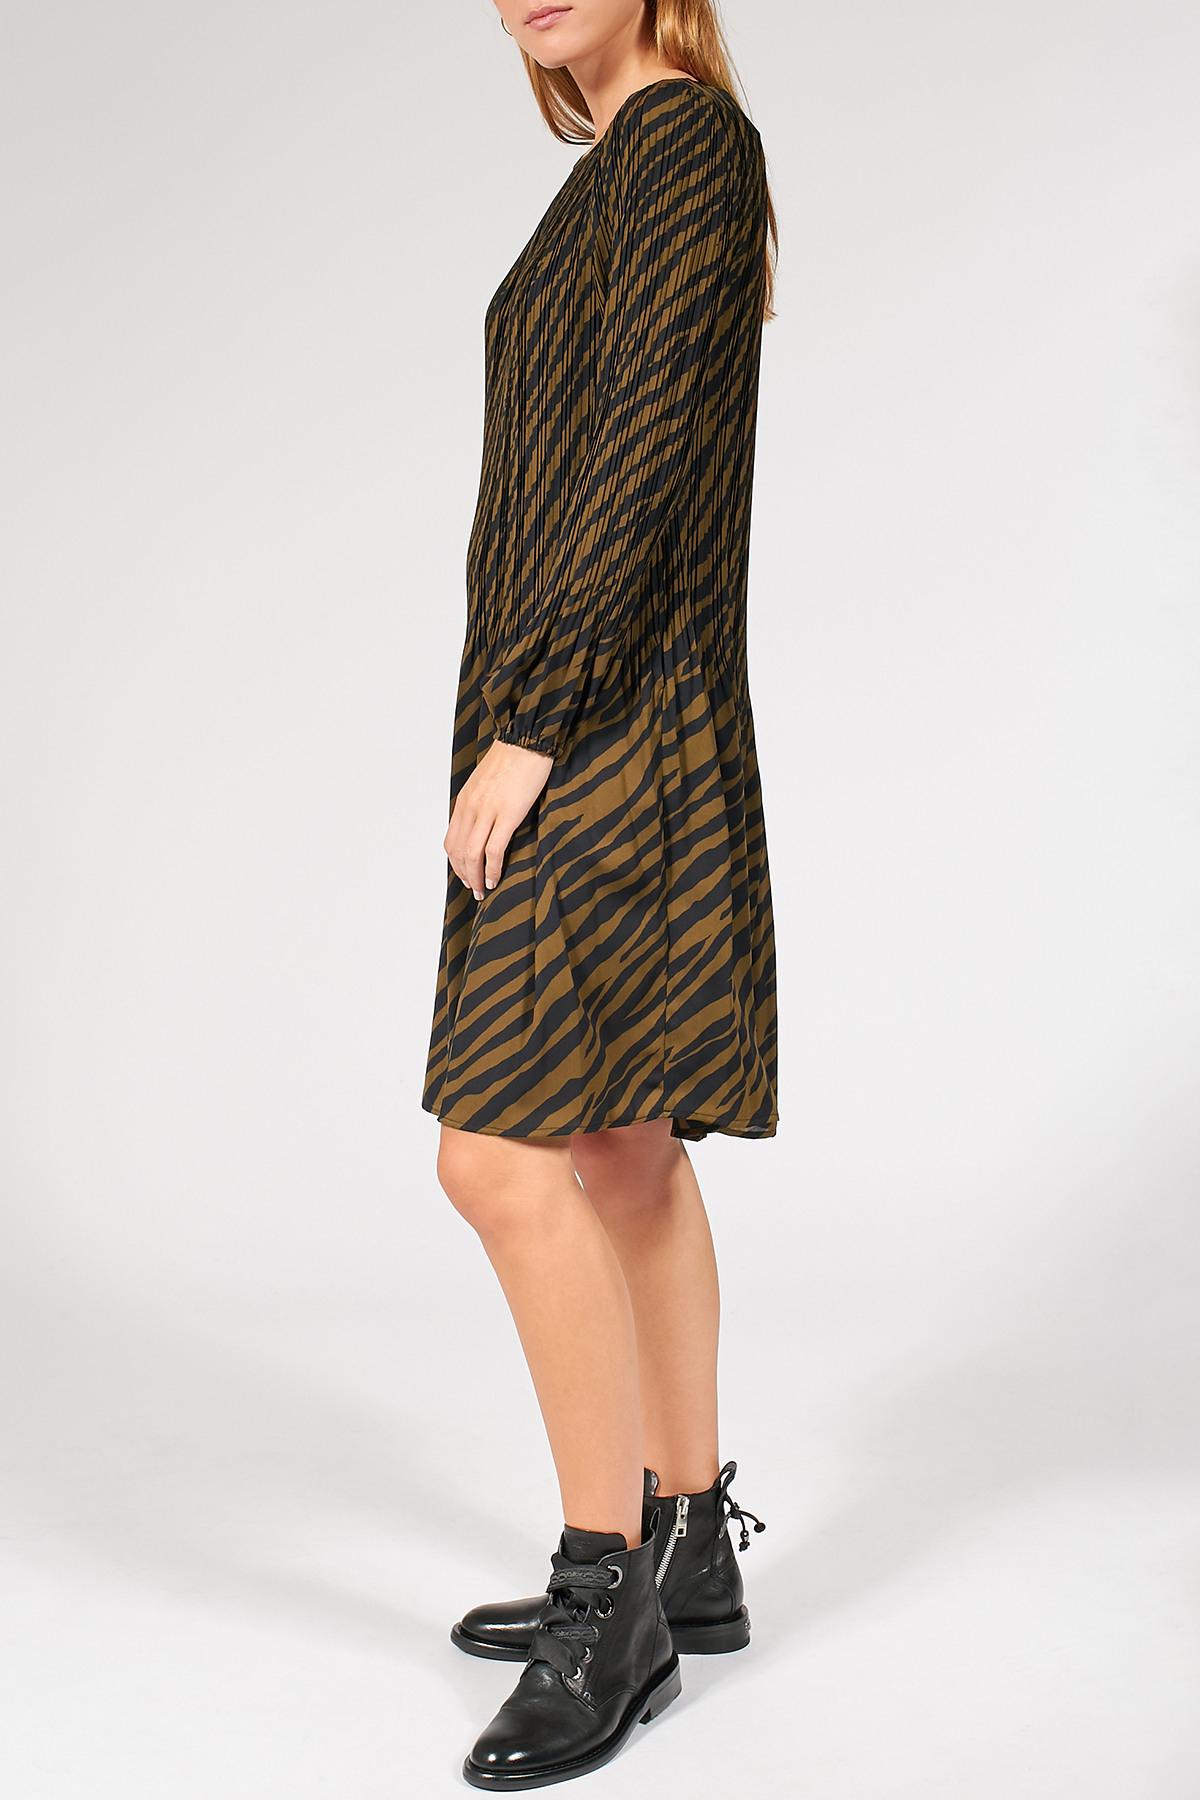 Plissiertes Kleid Mit Zebramuster  Steffen Schraut